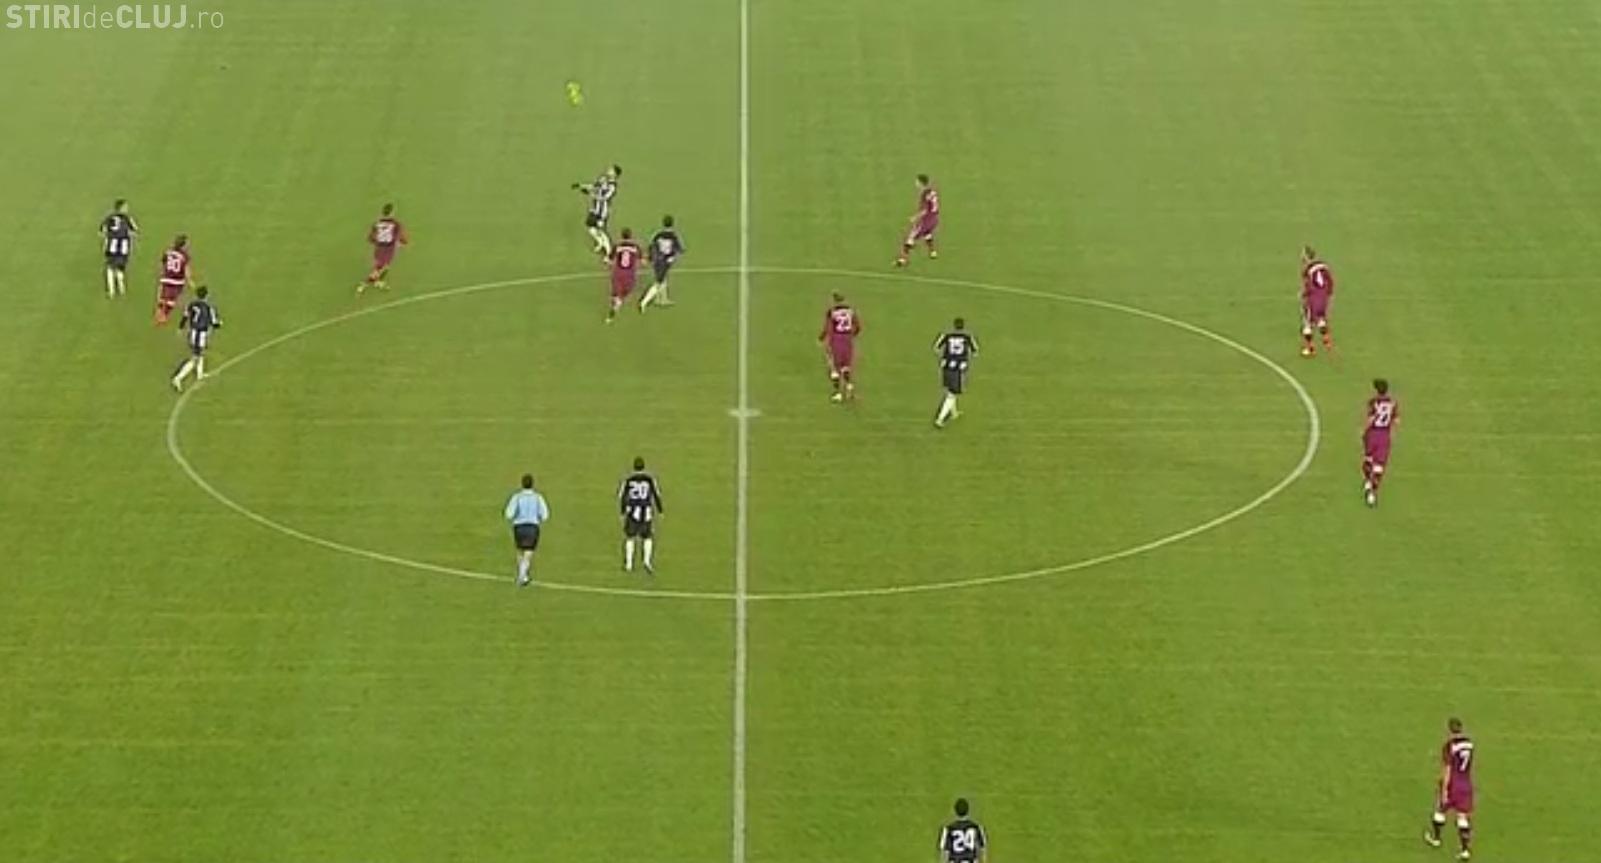 U Cluj - Rapid 1-2 - LIVE TEXT Gol Herea, Teixeira și Drăghici VIDEO